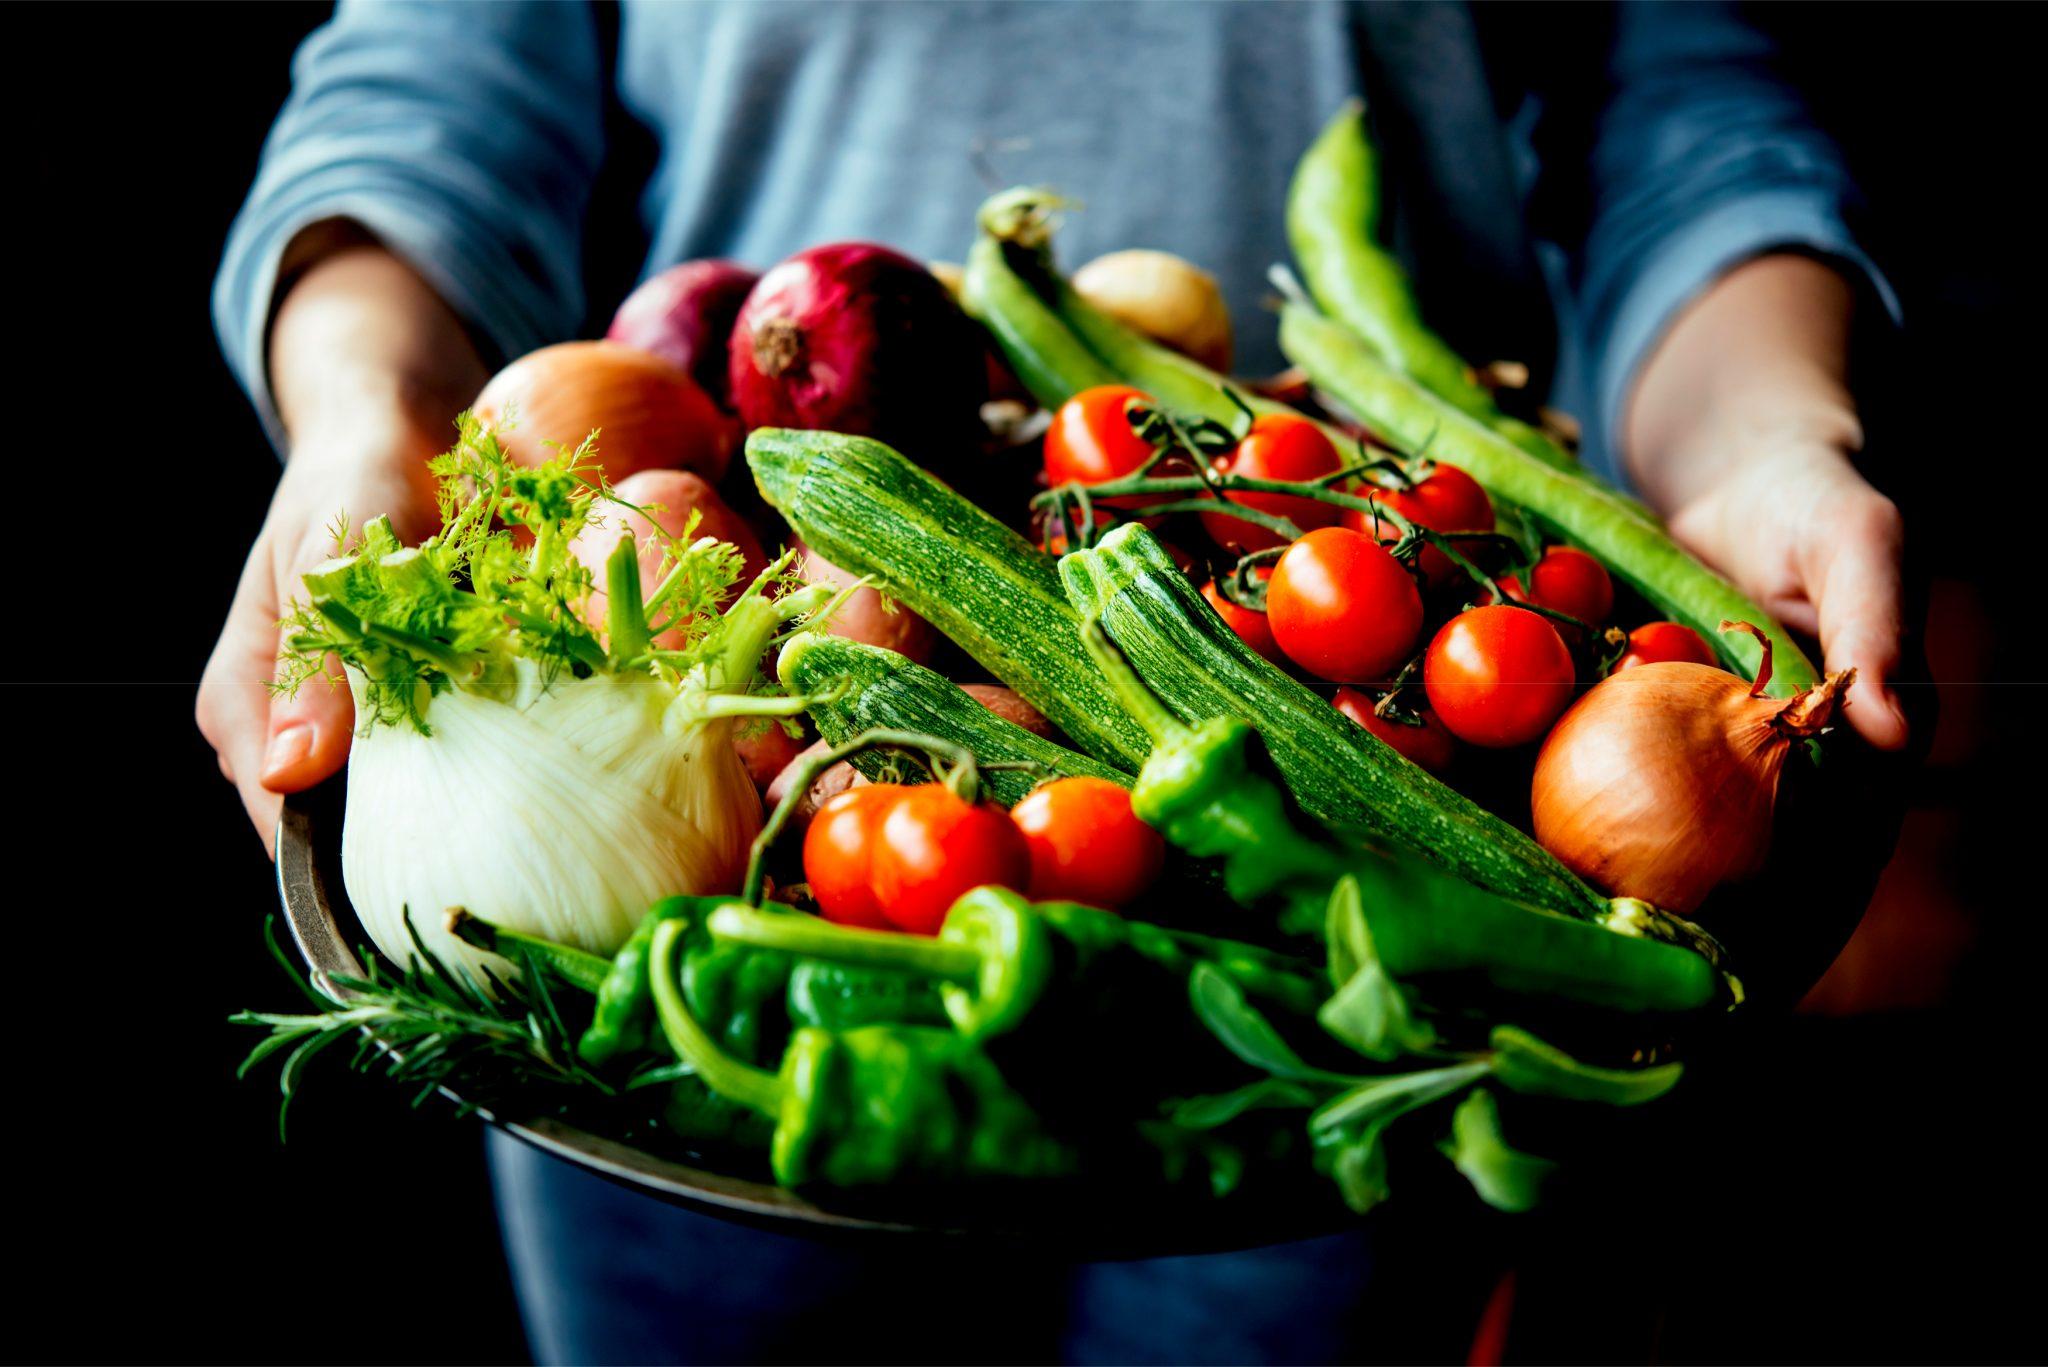 沢山の野菜を持っている人